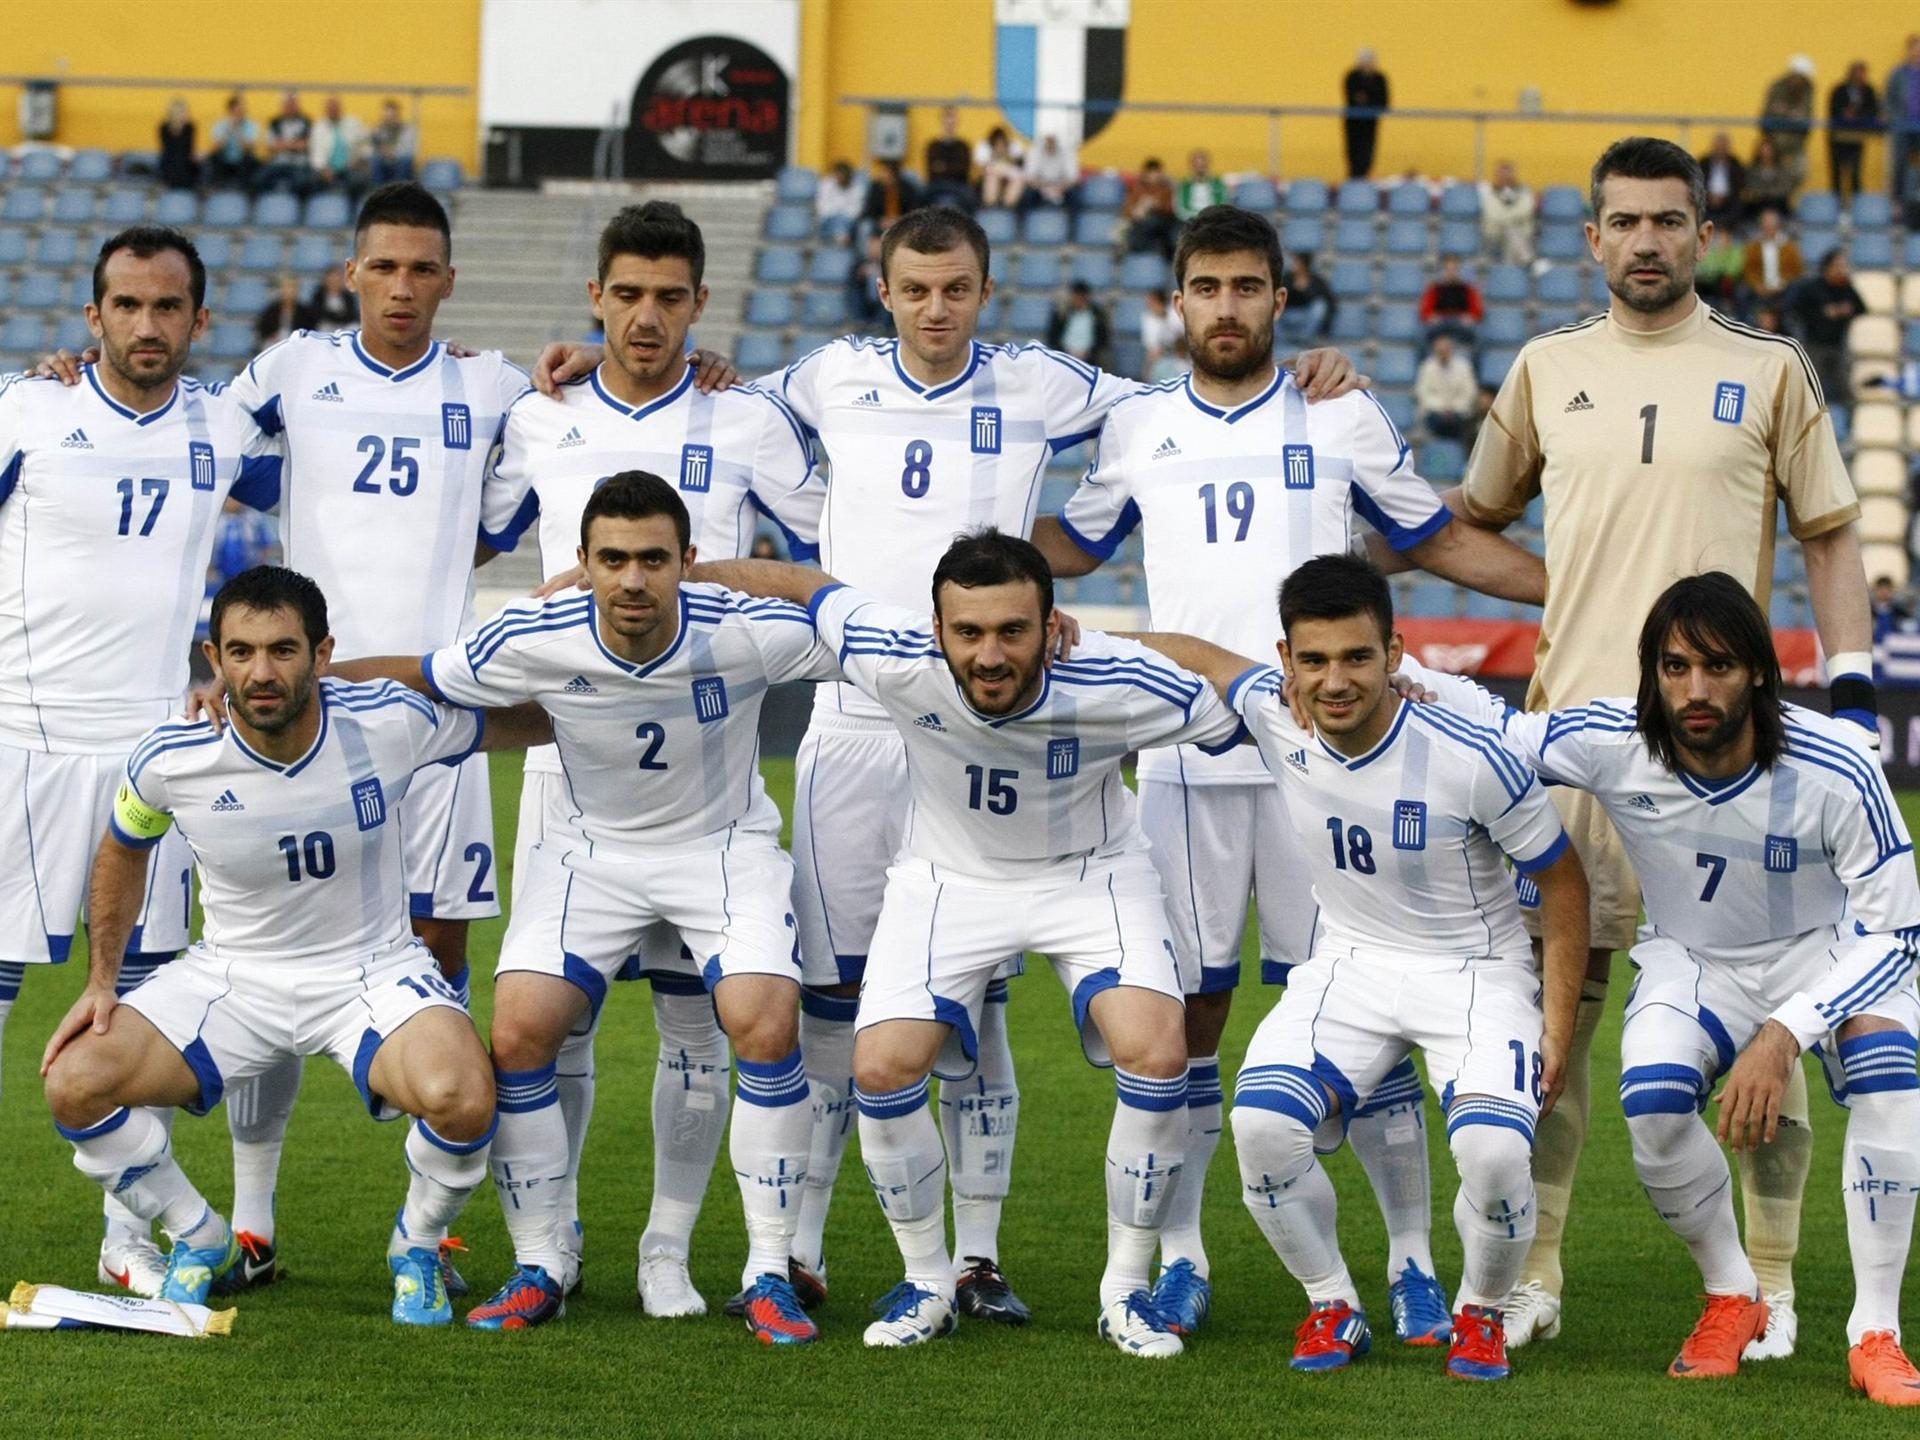 描述: 希腊足球队-euro 2012欧洲杯壁纸 当前壁纸尺寸: 1920 x 1440图片